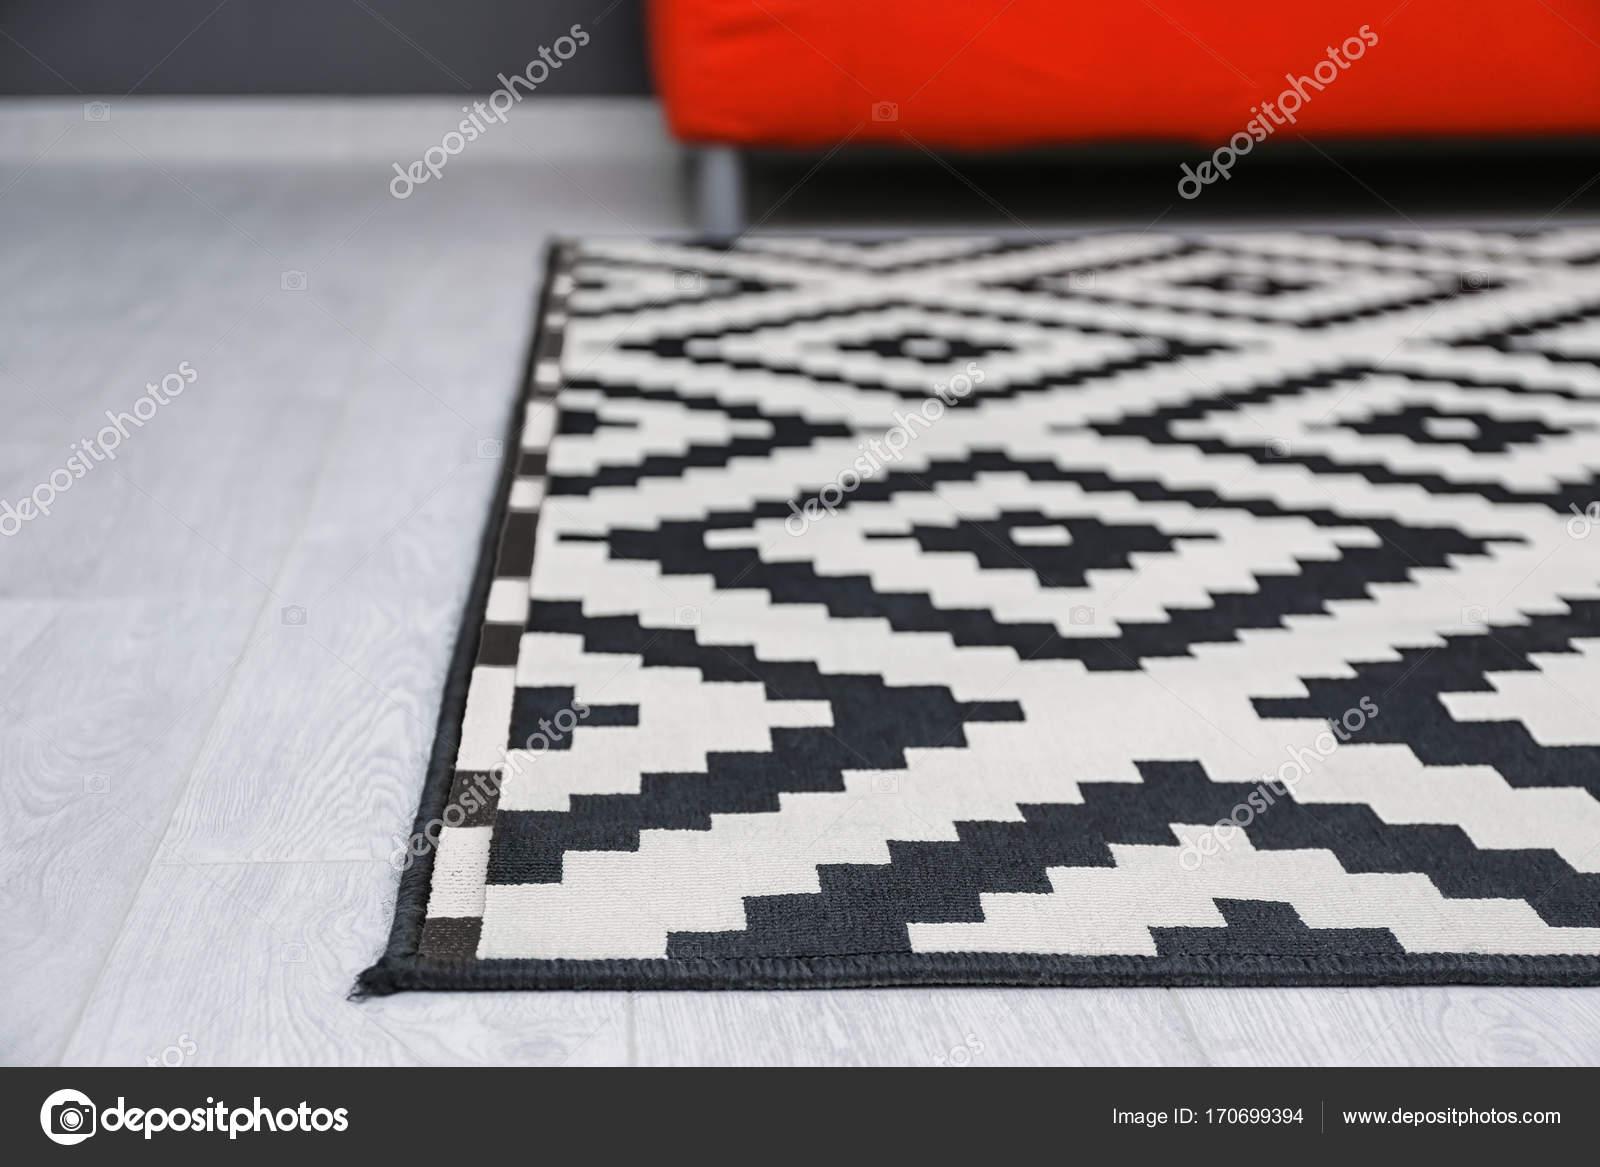 Tapijt Zwart Wit : Zwart wit tapijt op de vloer in de woonkamer close up u stockfoto